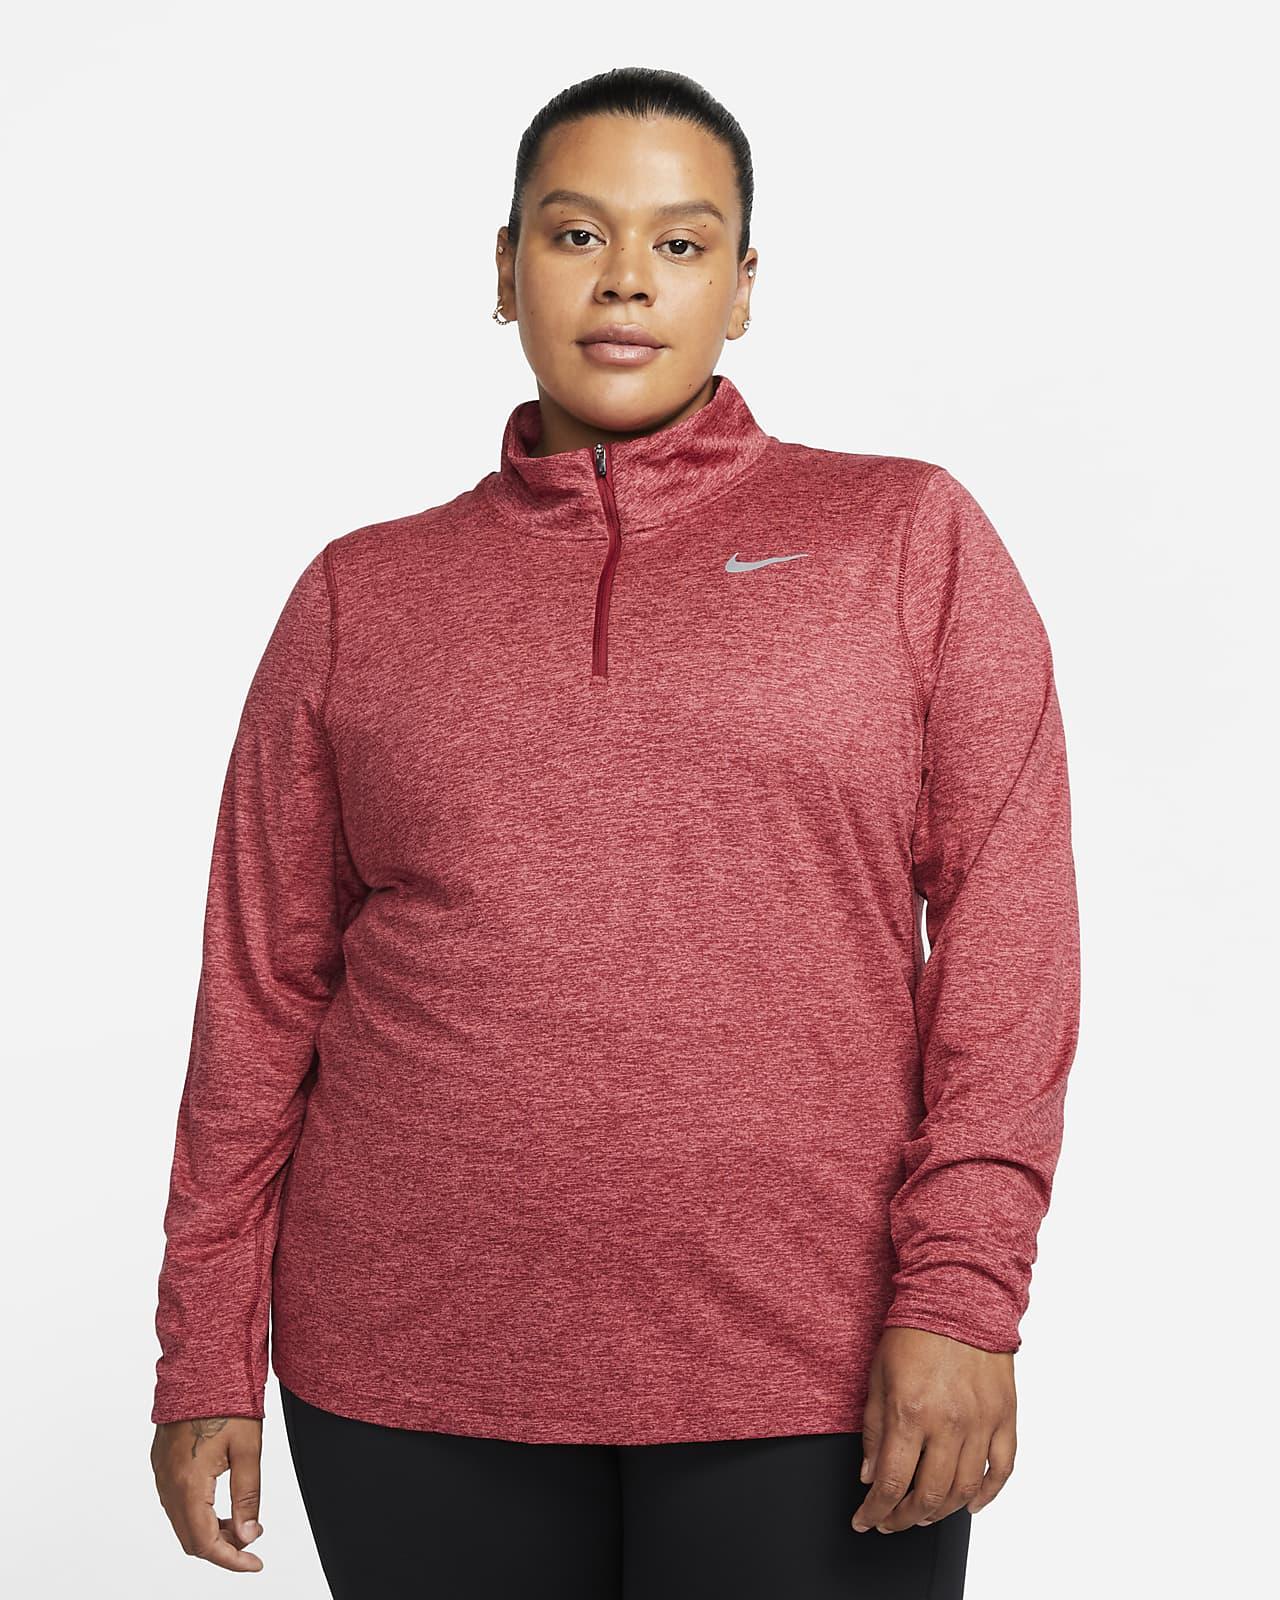 Nike Lauf-Oberteil mit Halbreißverschluss für Damen (große Größe)